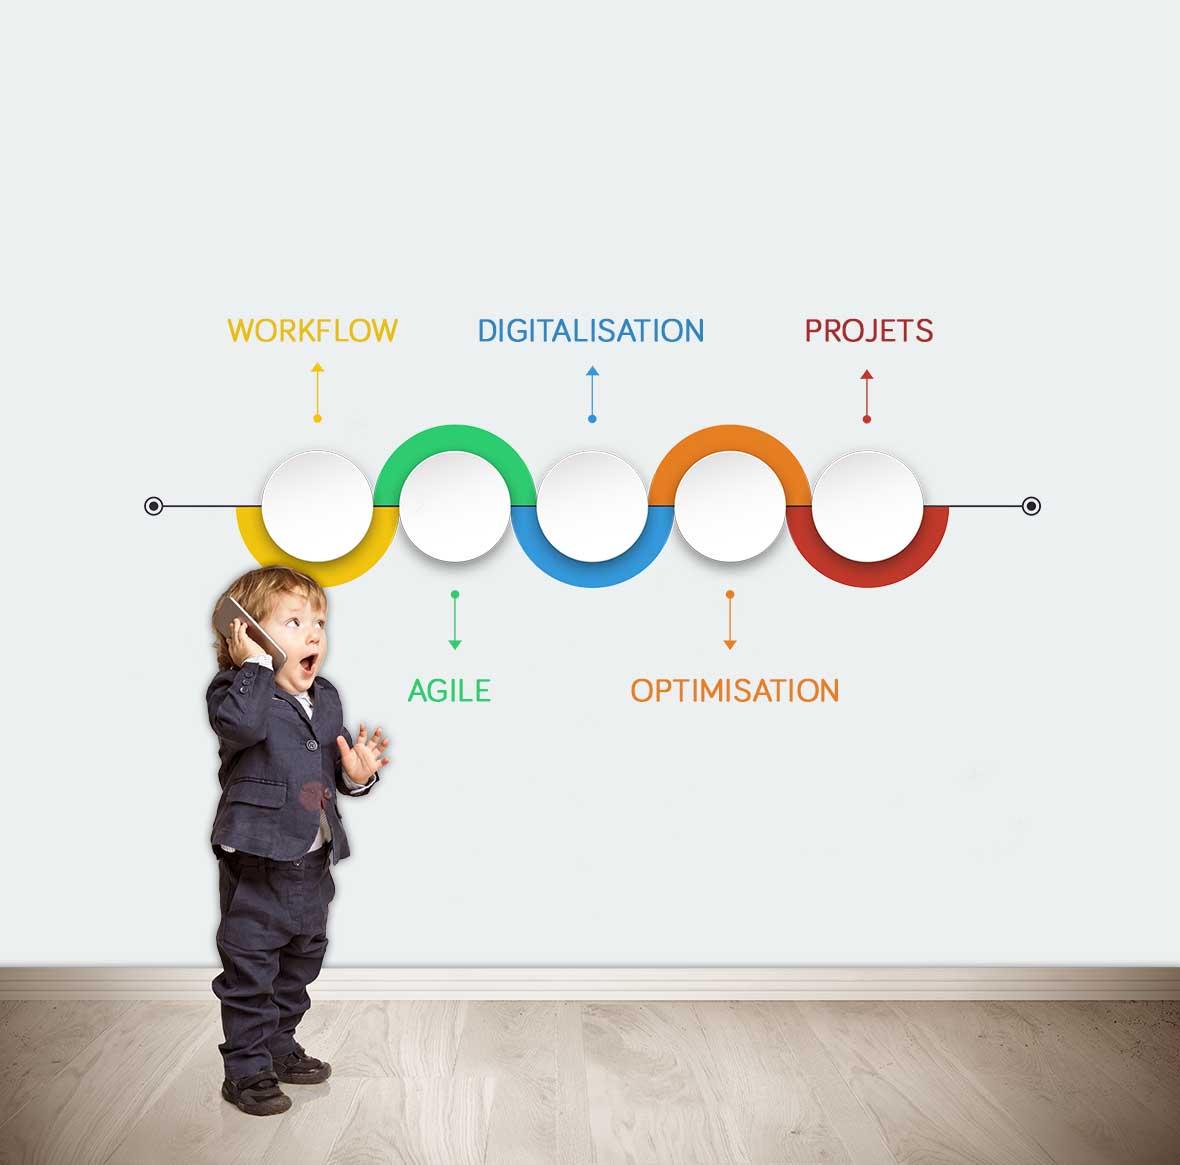 Plus d'information sur l'Audit & Consulting innovatif 3E pour faciliter la transformation digitale des entreprises - depuis le début